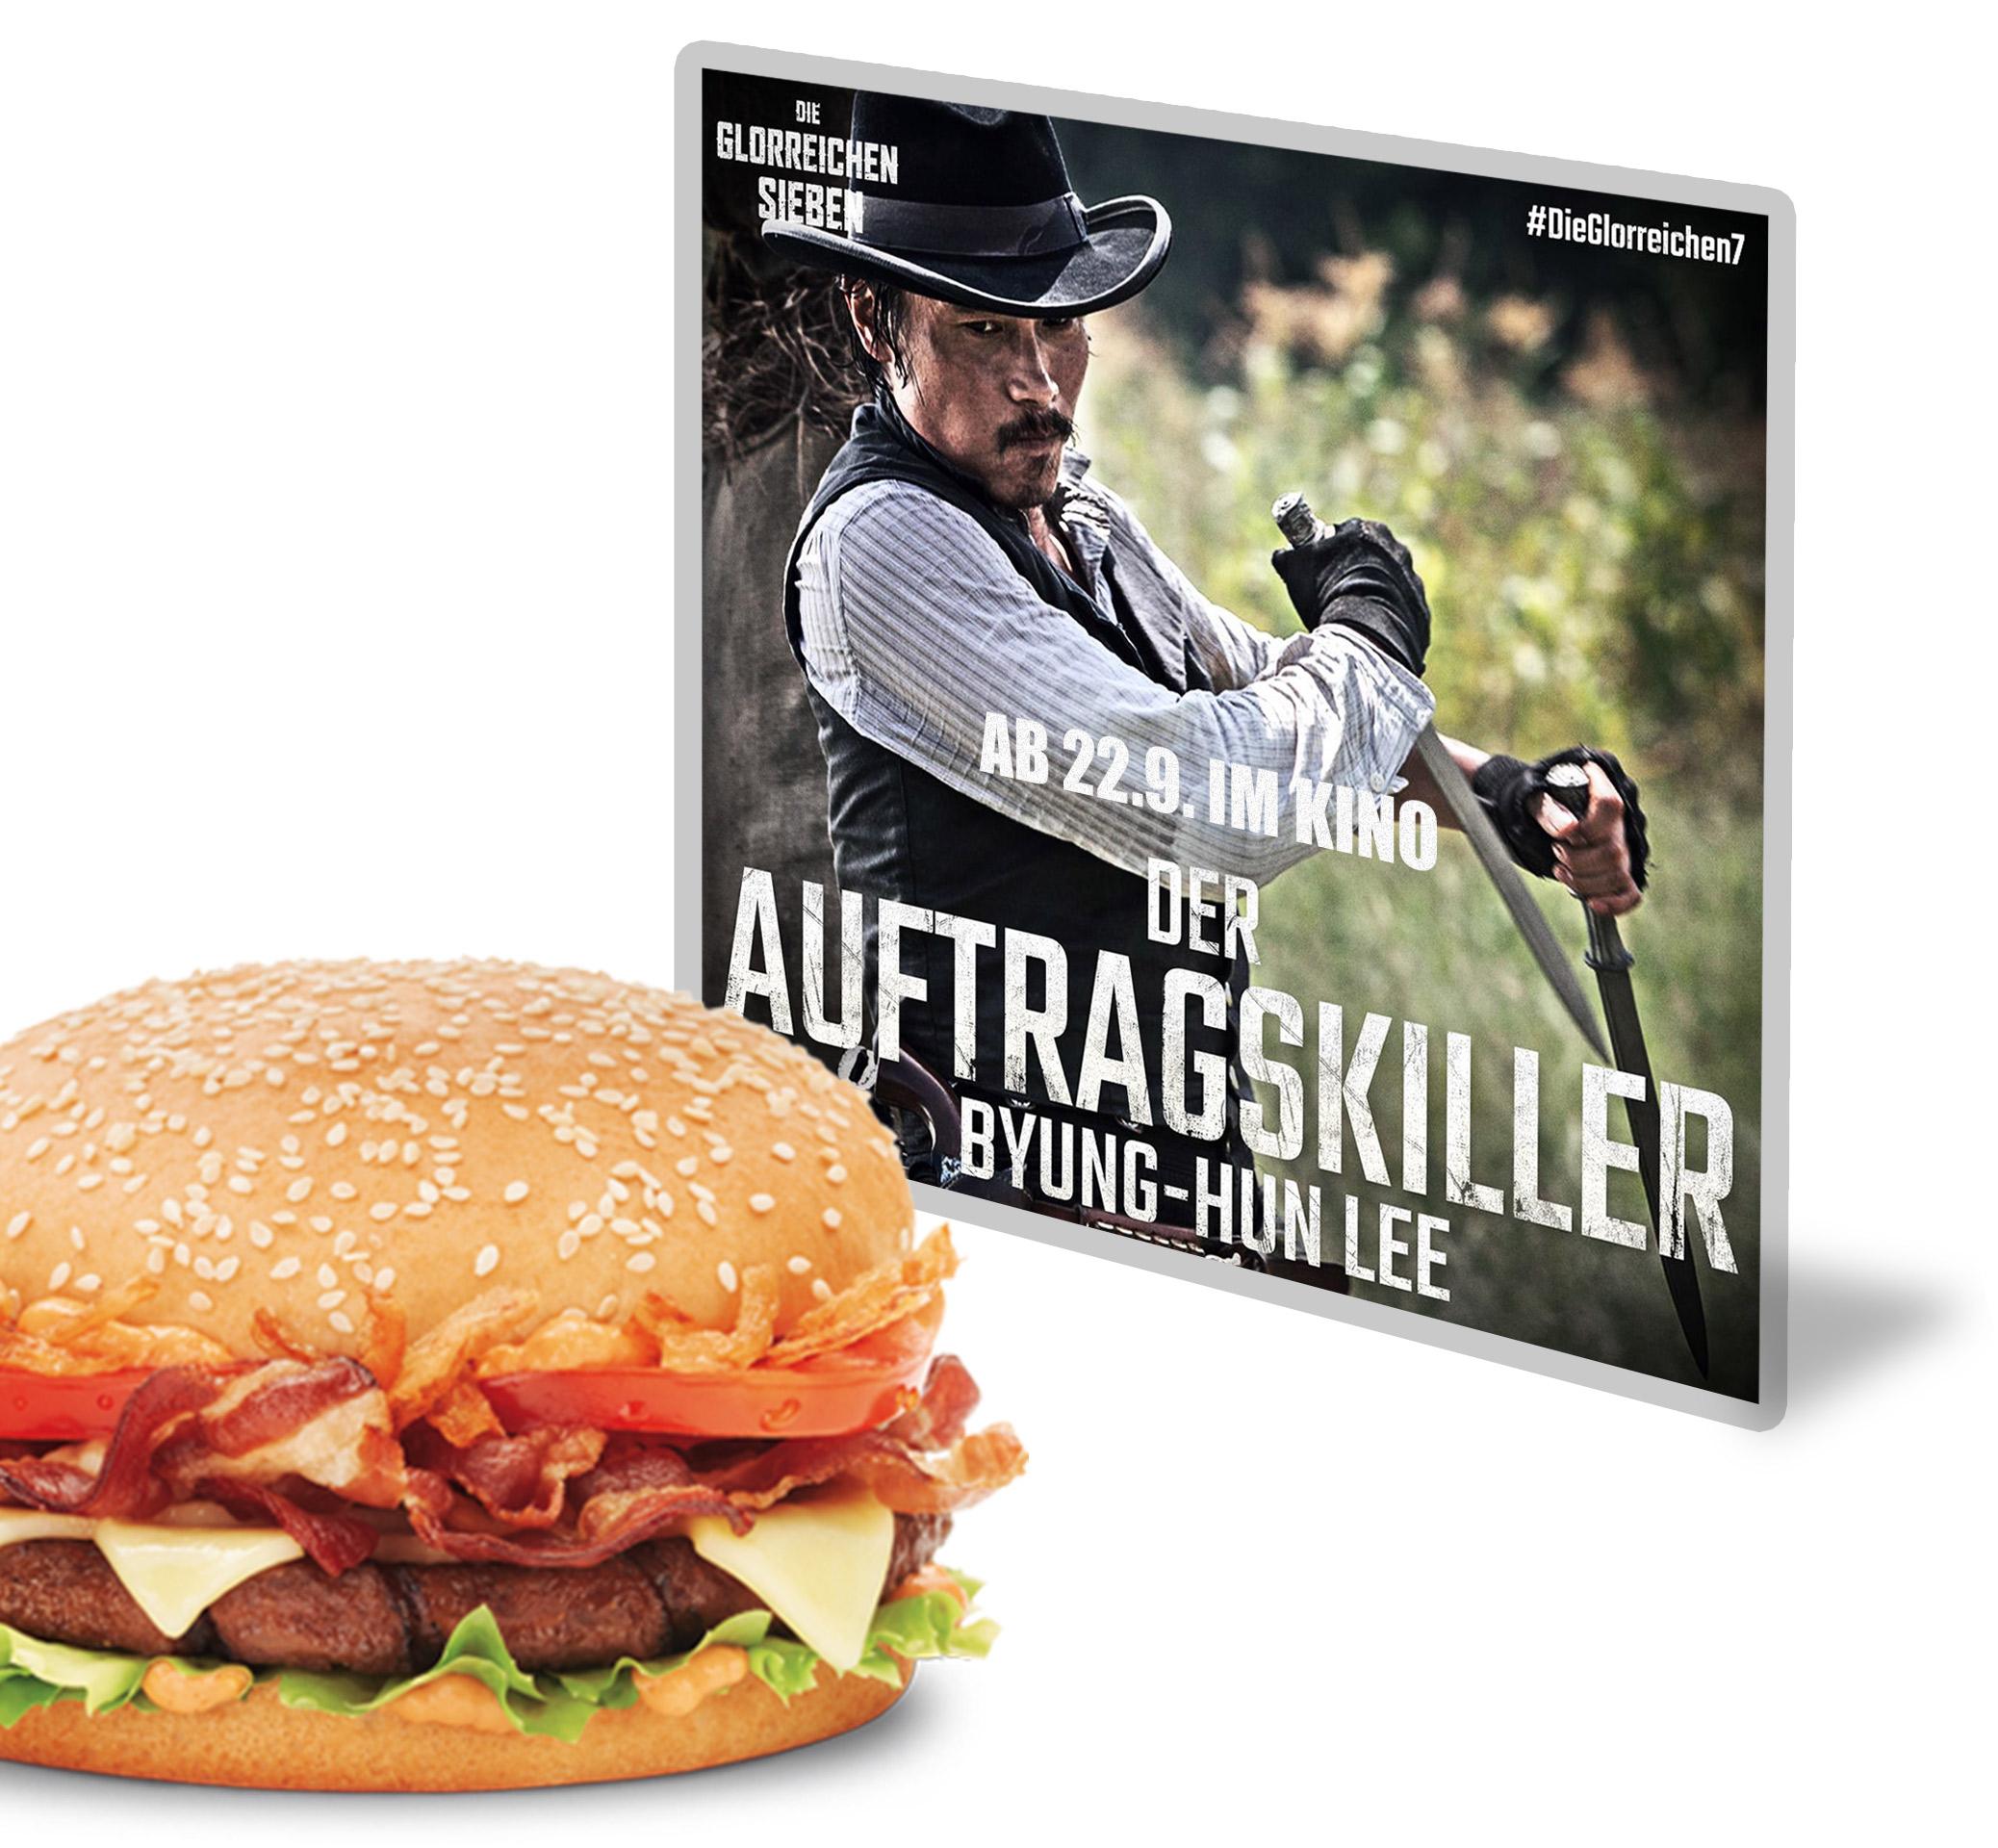 Die glorreichen 7 burgerme Röstzwiebel Burger